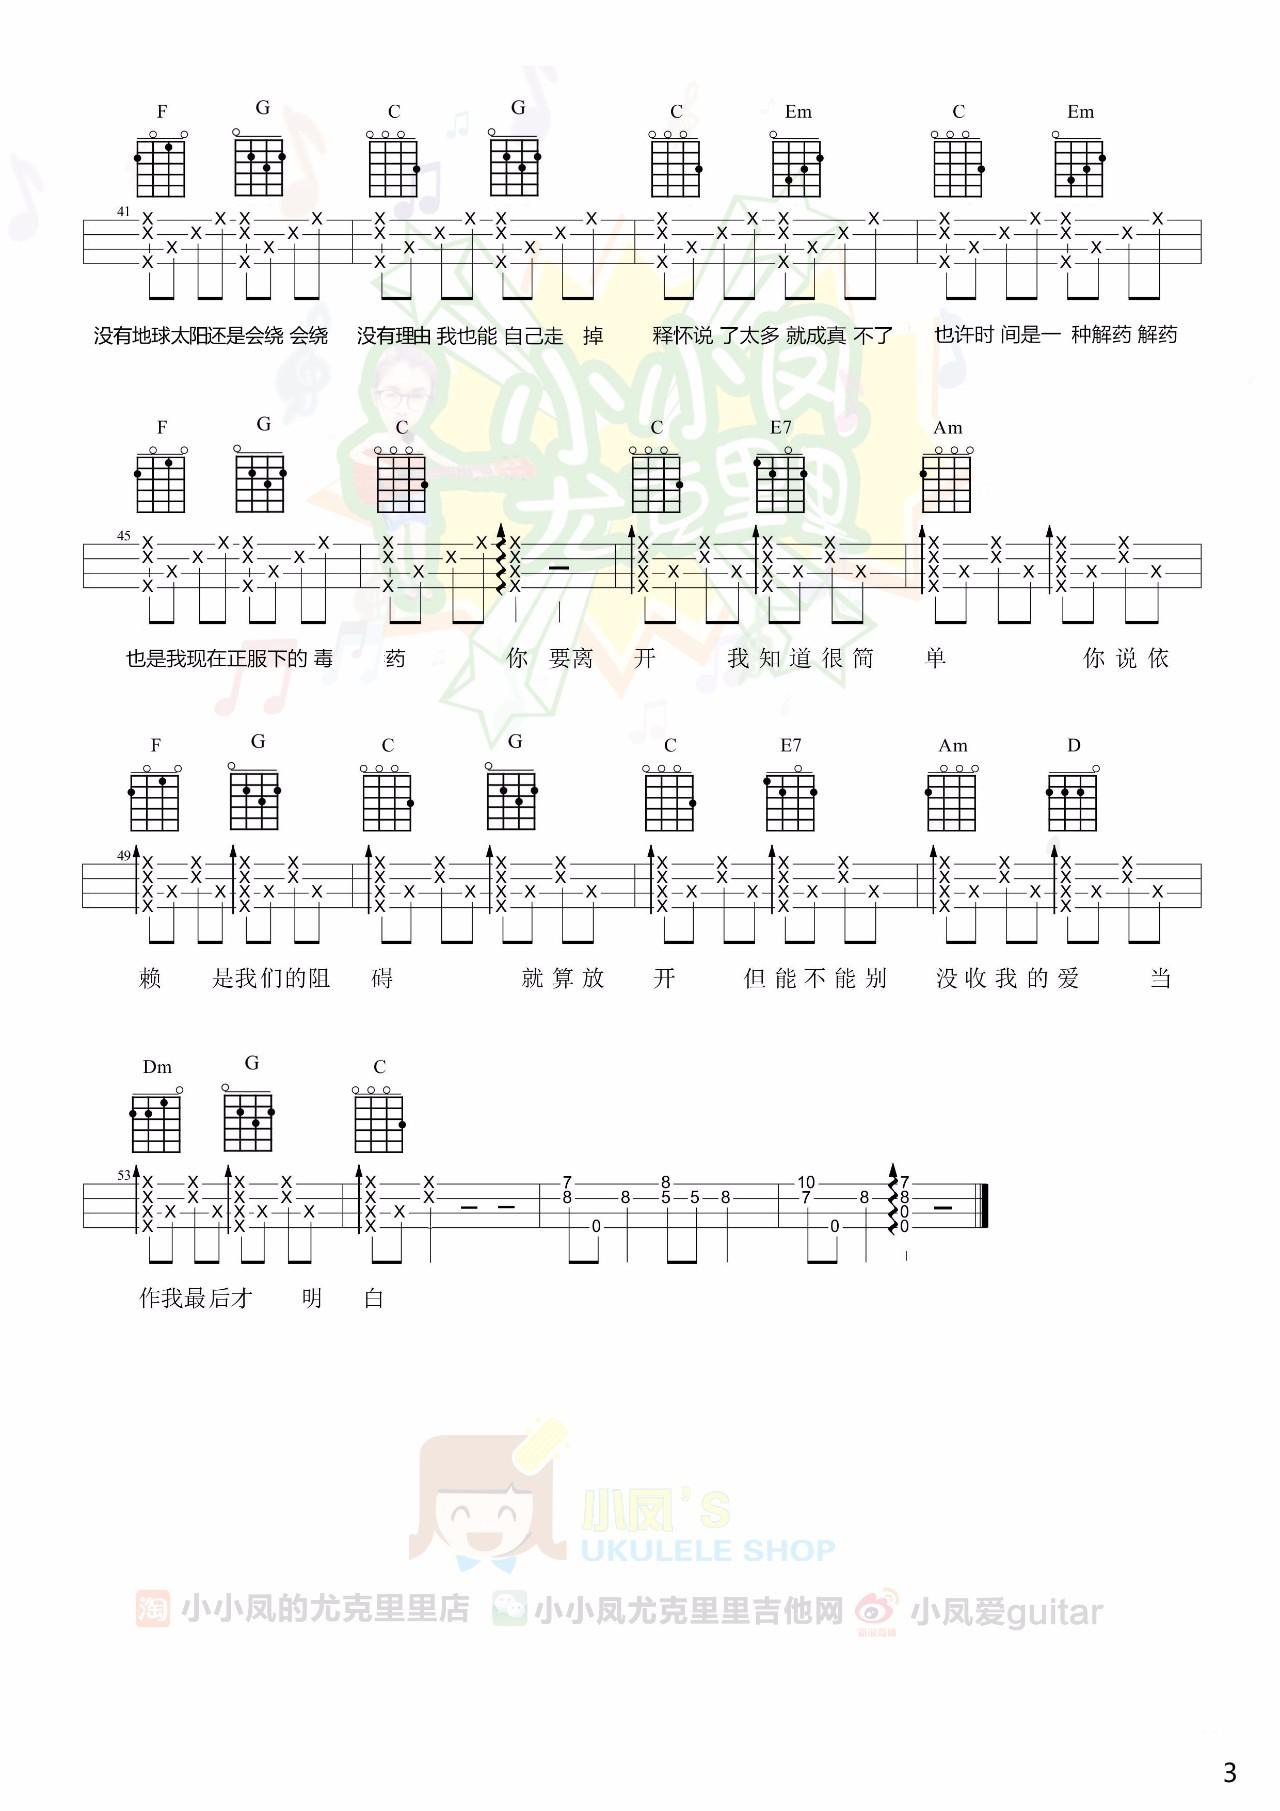 虫儿飞 ukulele 谱